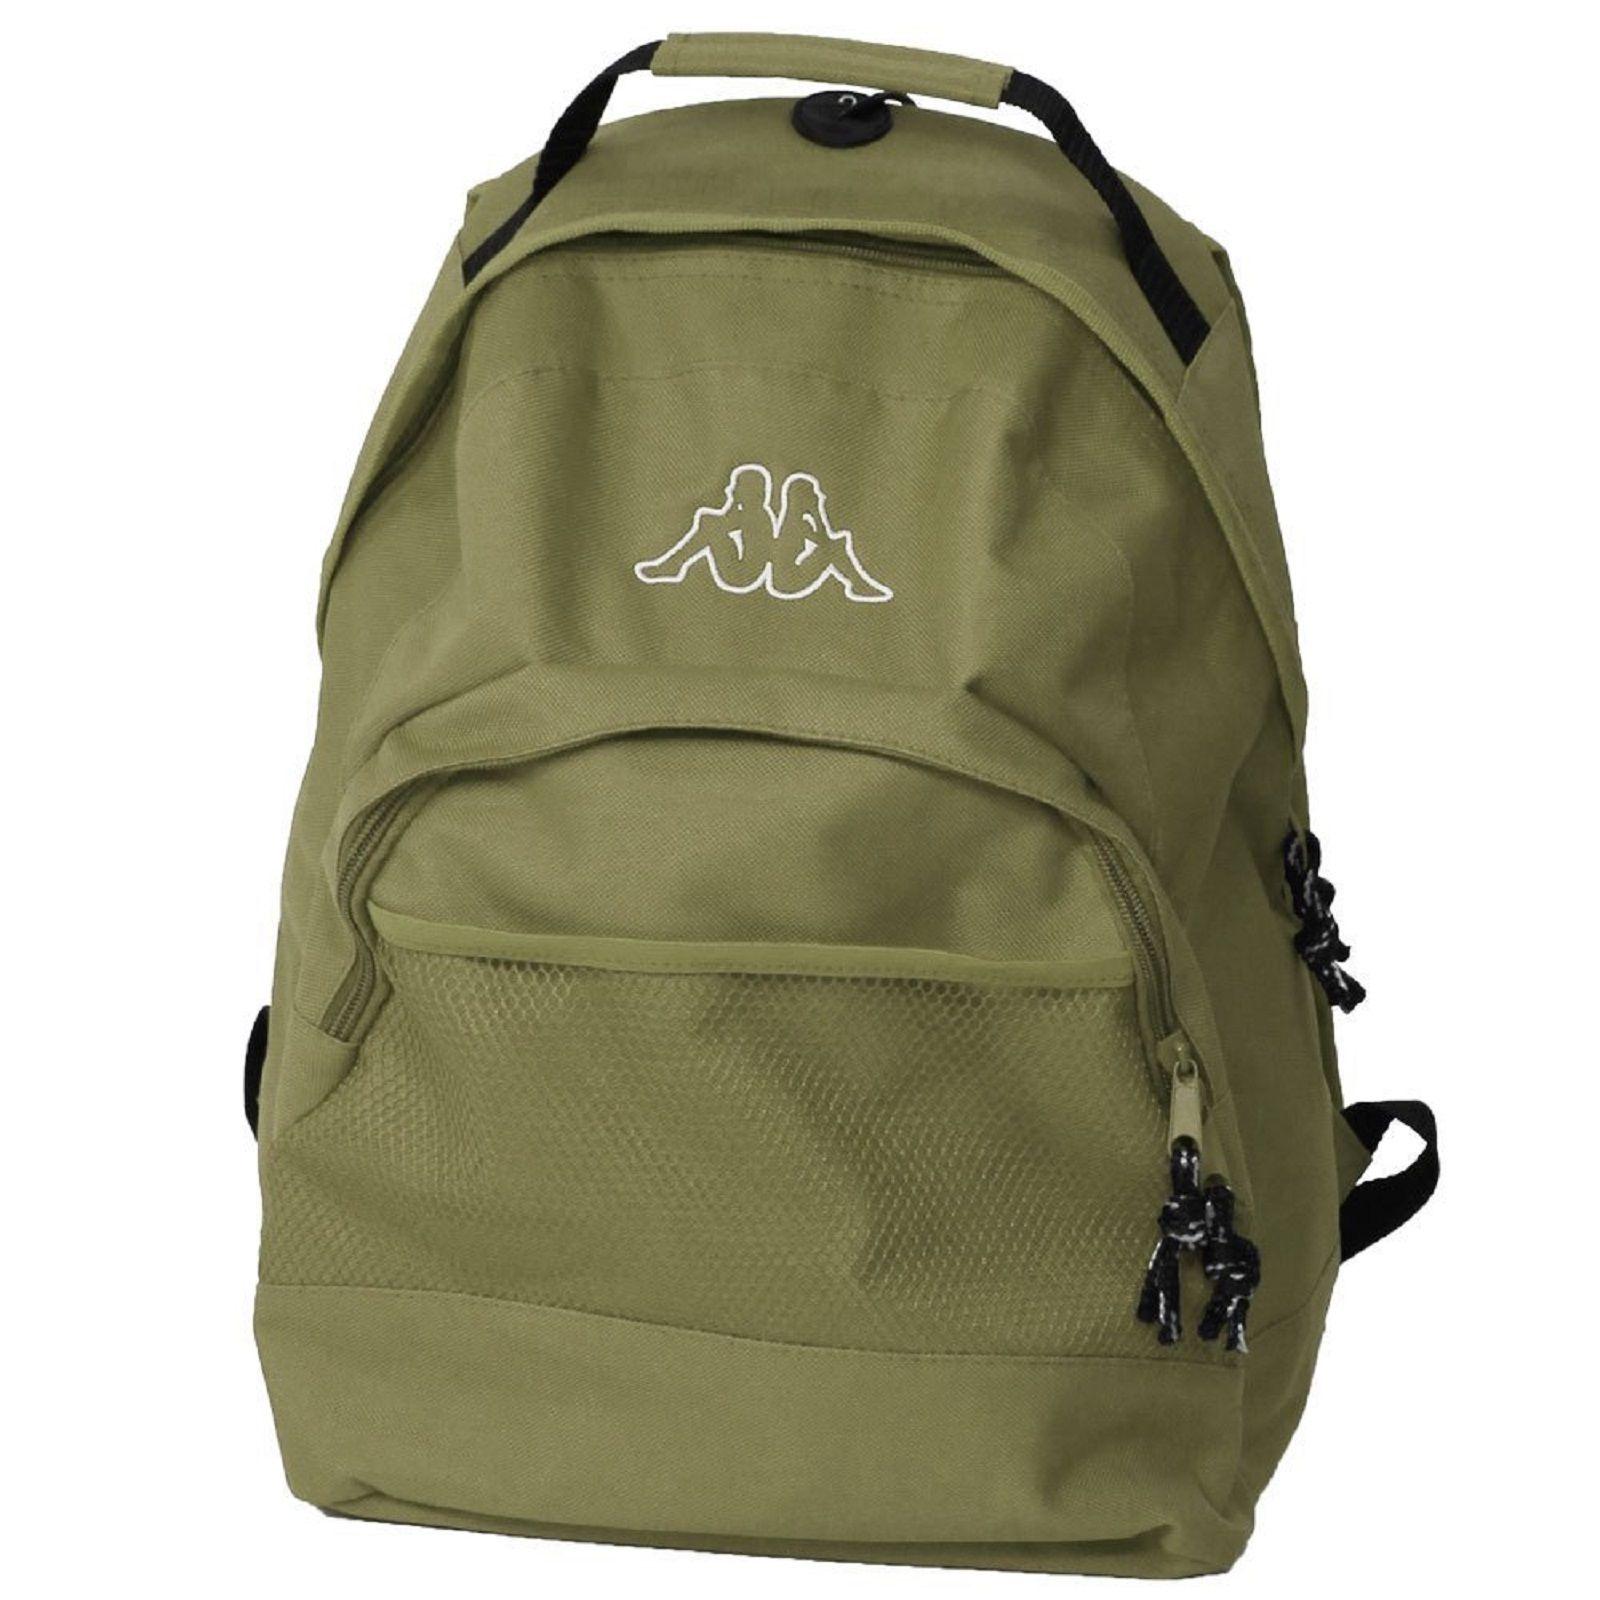 kappa rucksack sportrucksack backpack schulrucksack sporttasche freizeit ebay. Black Bedroom Furniture Sets. Home Design Ideas